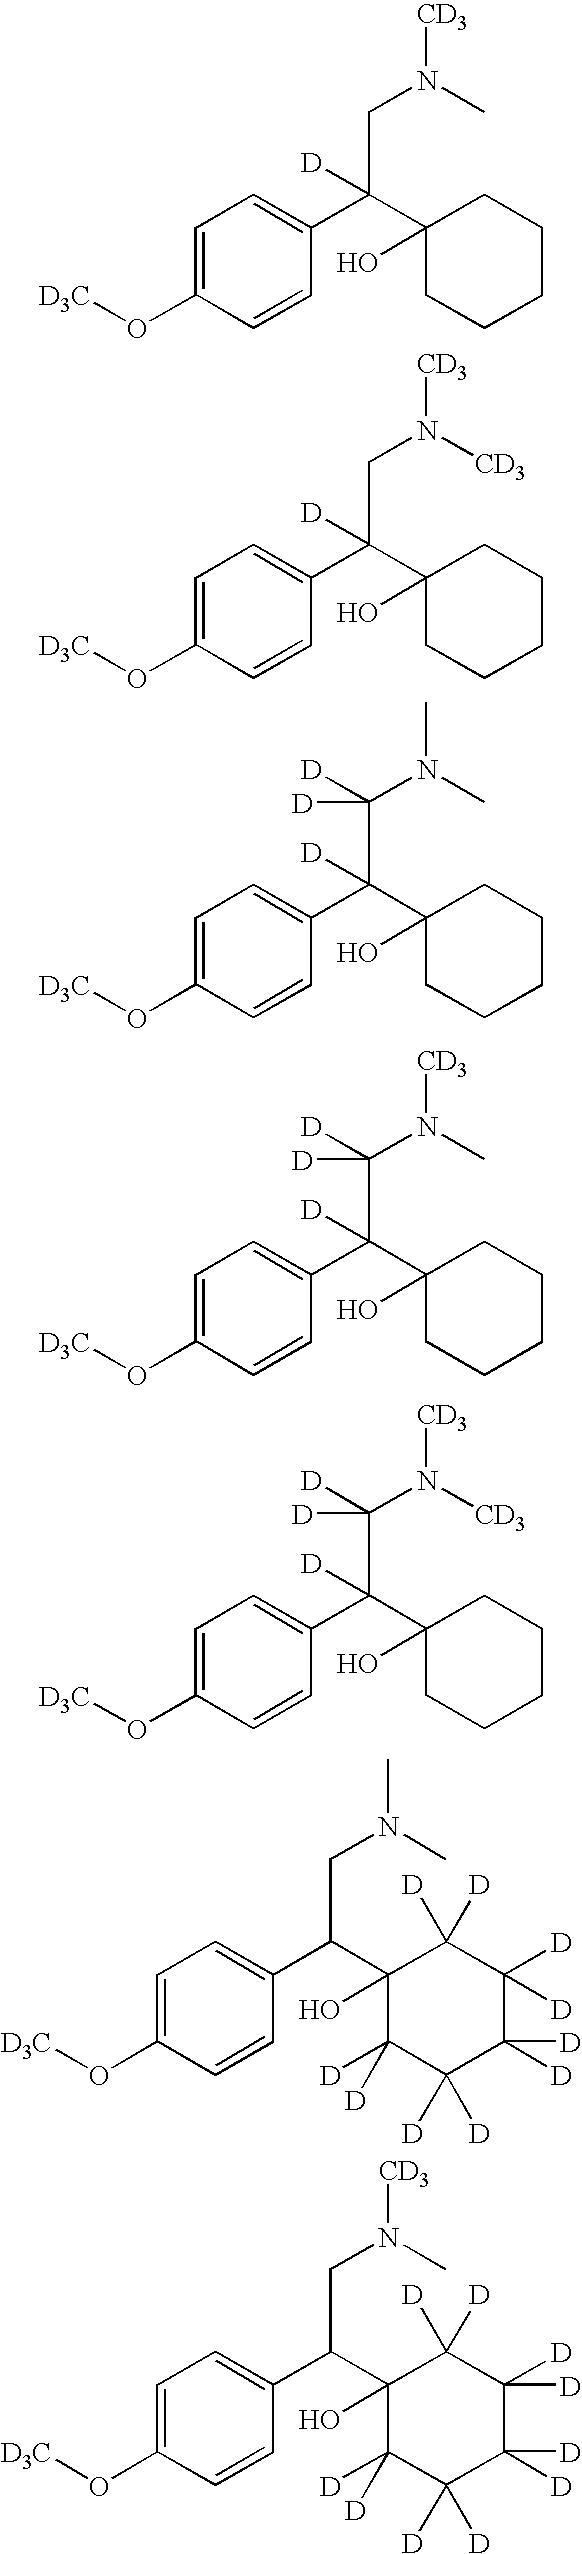 Figure US07456317-20081125-C00009